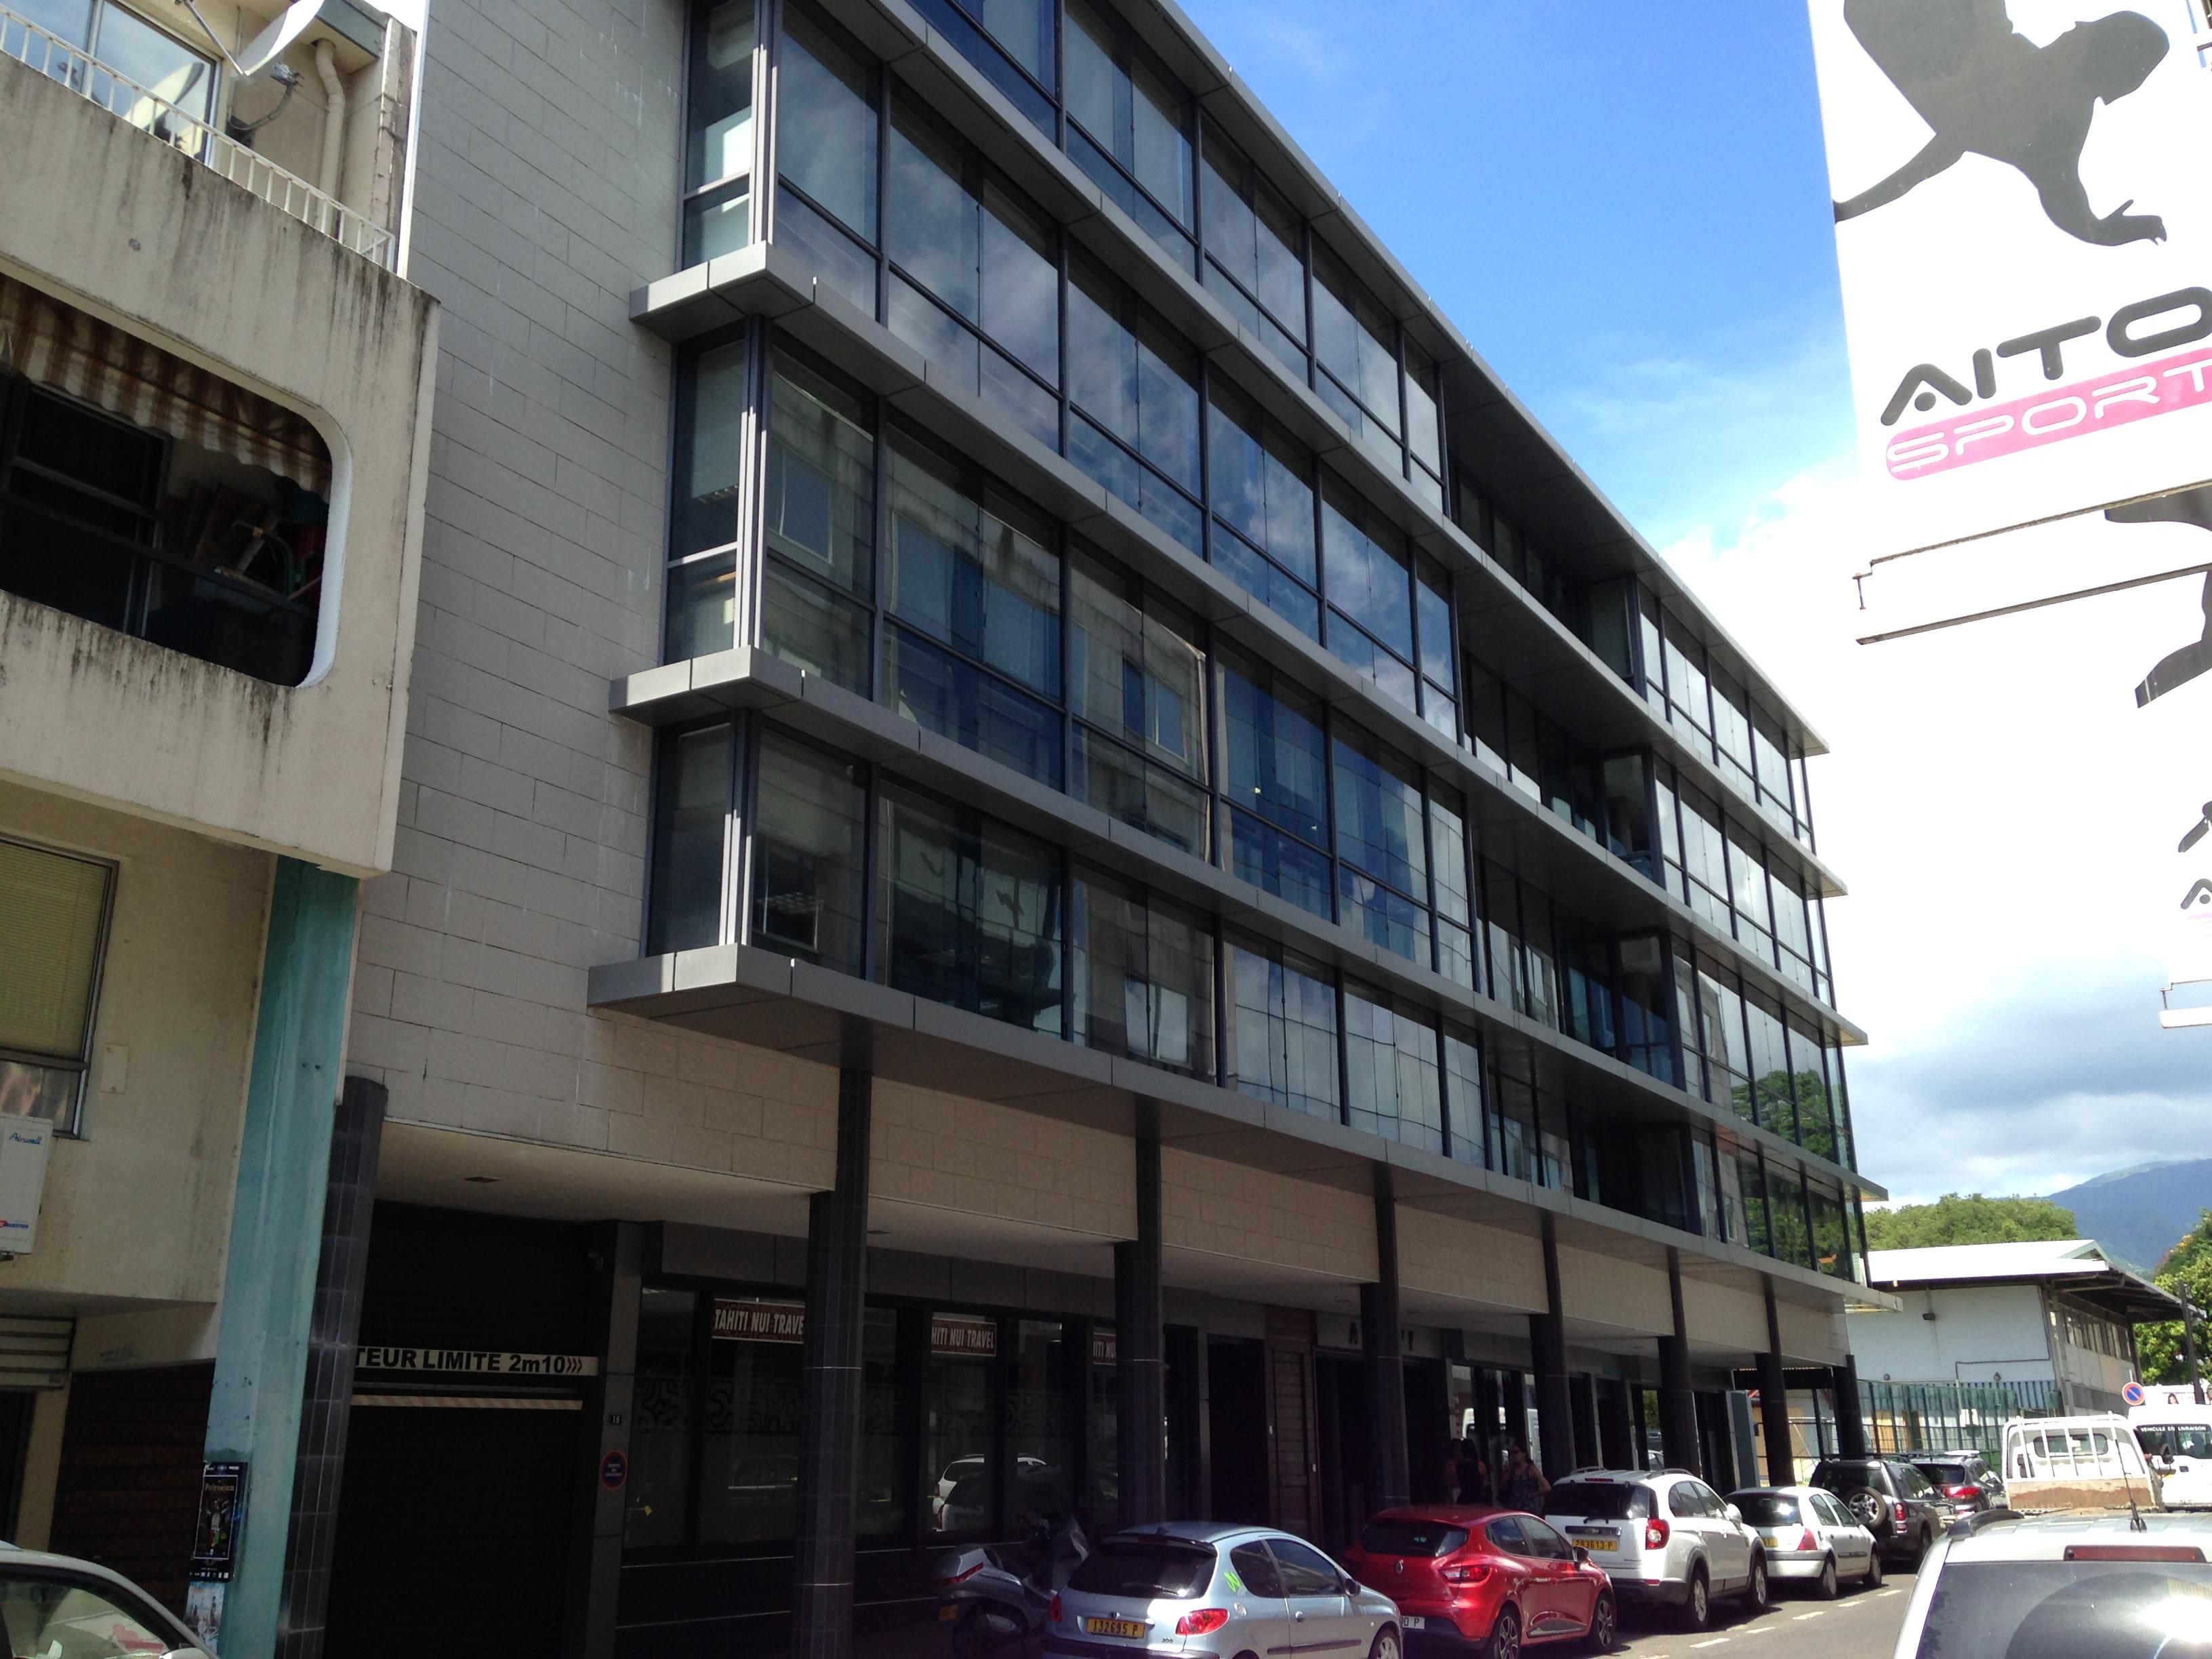 L'immeuble Ateivi, où sont installés les locaux de l'agence Tahiti Nui Travel, rue Mgr Tepano Jaussen à Papeete.